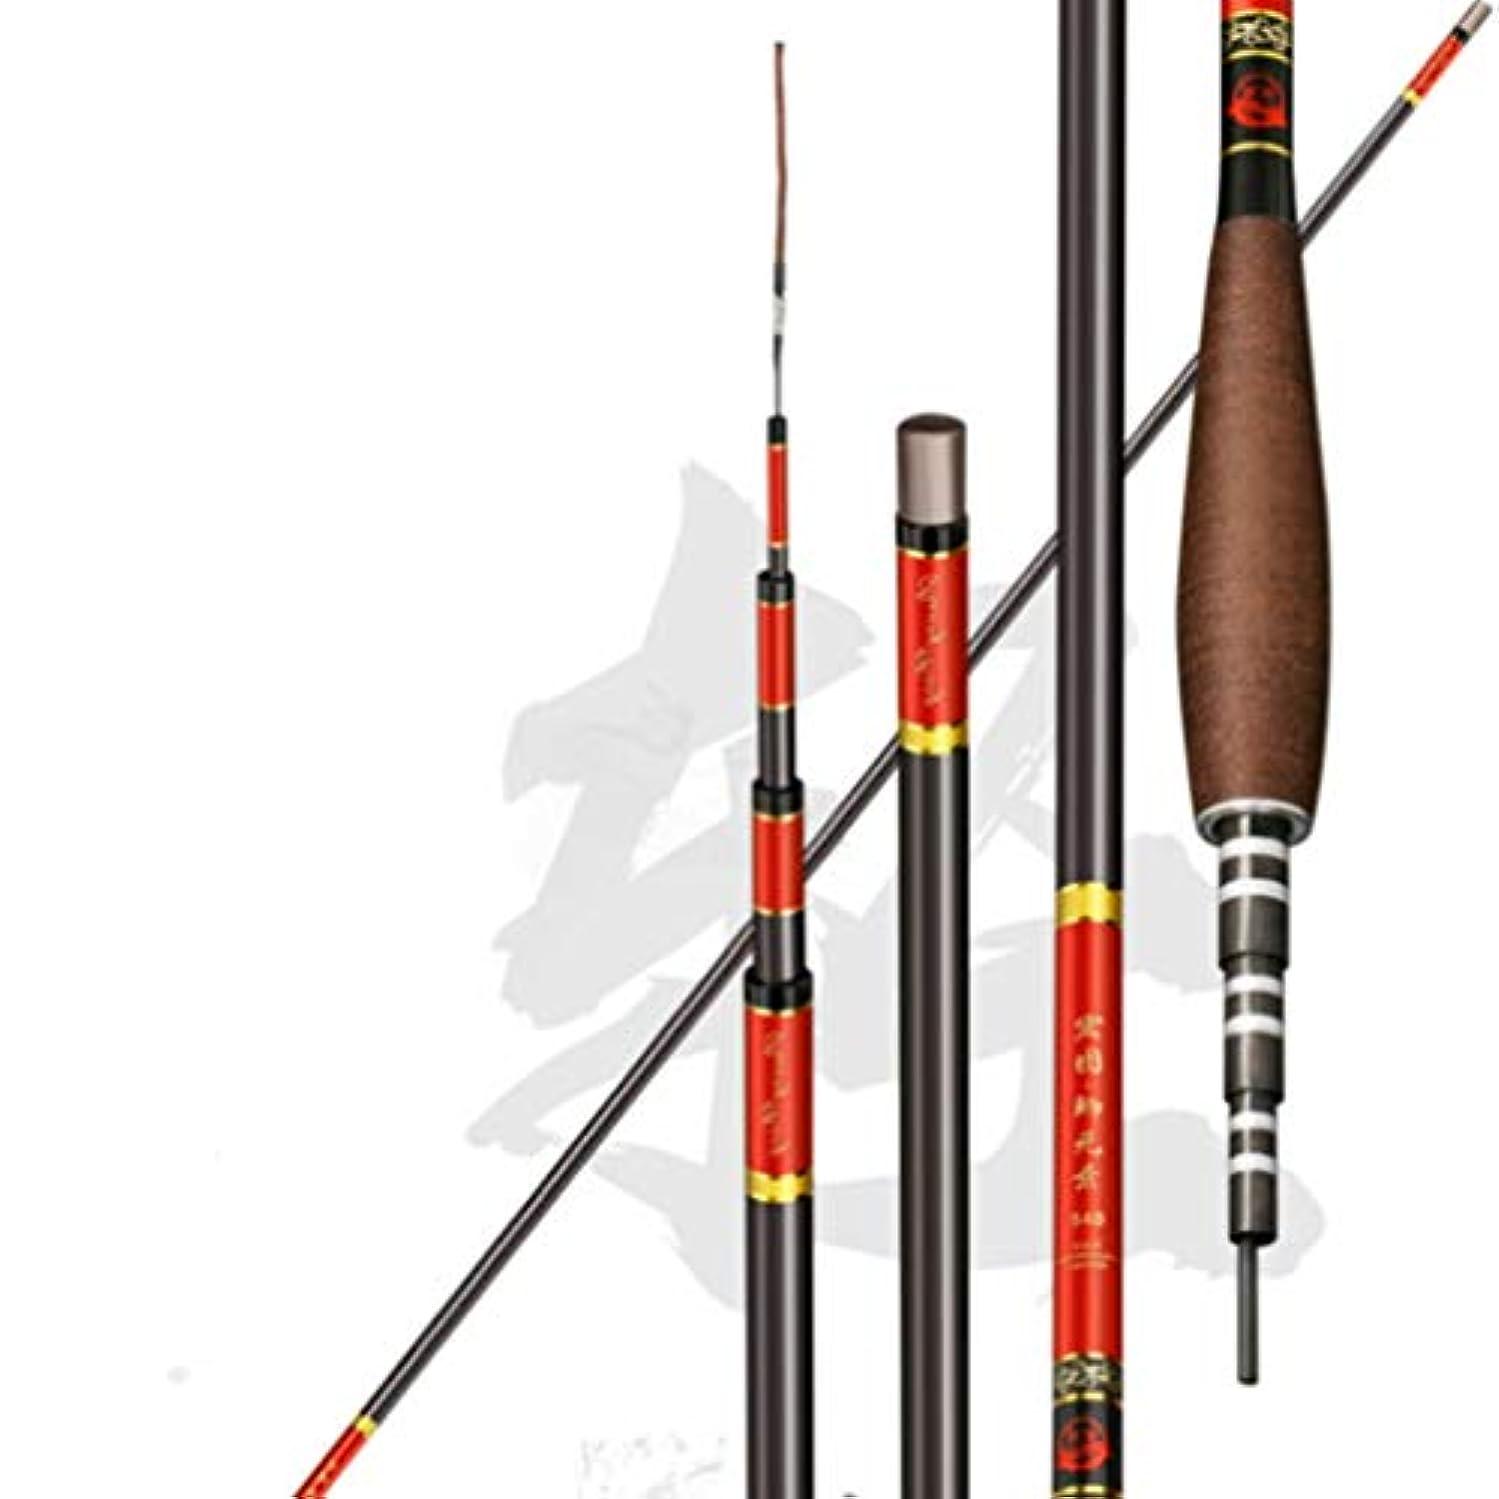 誘発する怪しい保全超軽量超硬竿高炭台湾釣り竿釣り ロッド 竿 トローリングロッド